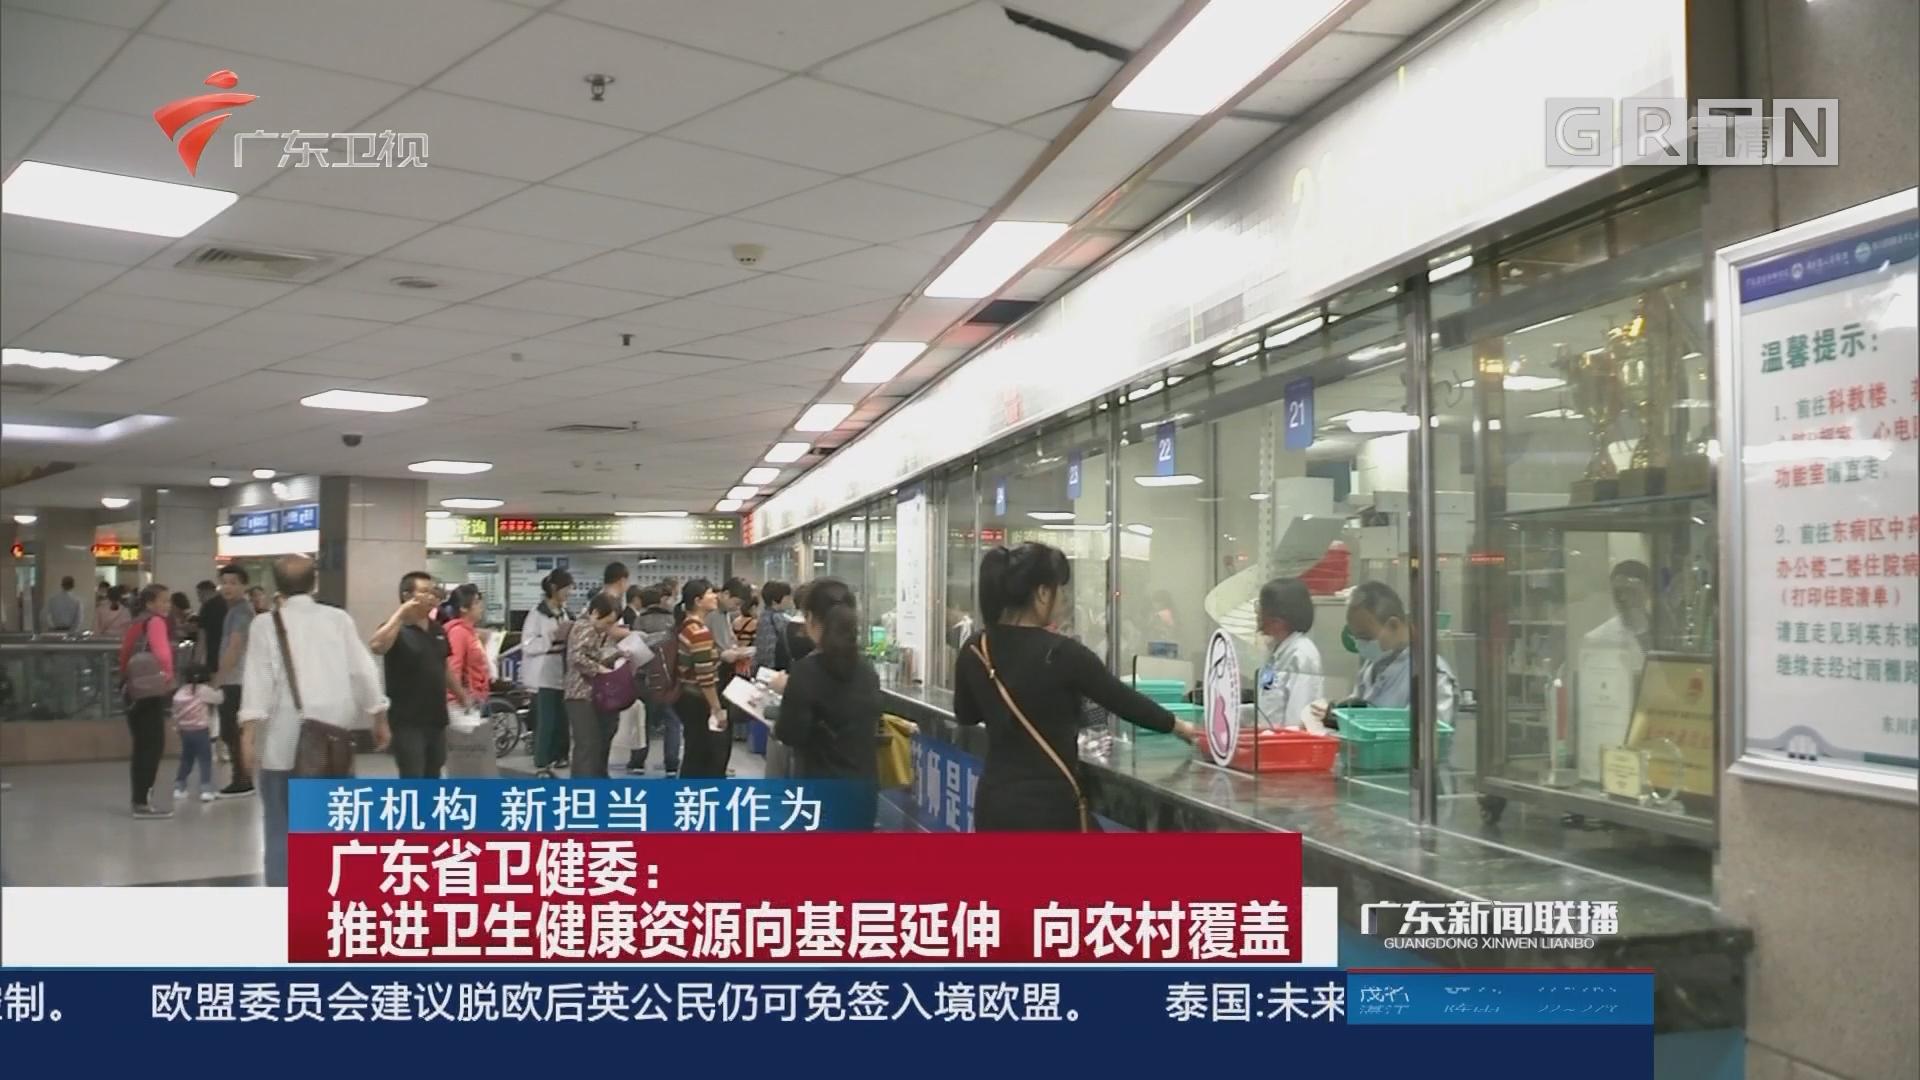 广东省卫健委:推进卫生健康资源向基层延伸 向农村覆盖